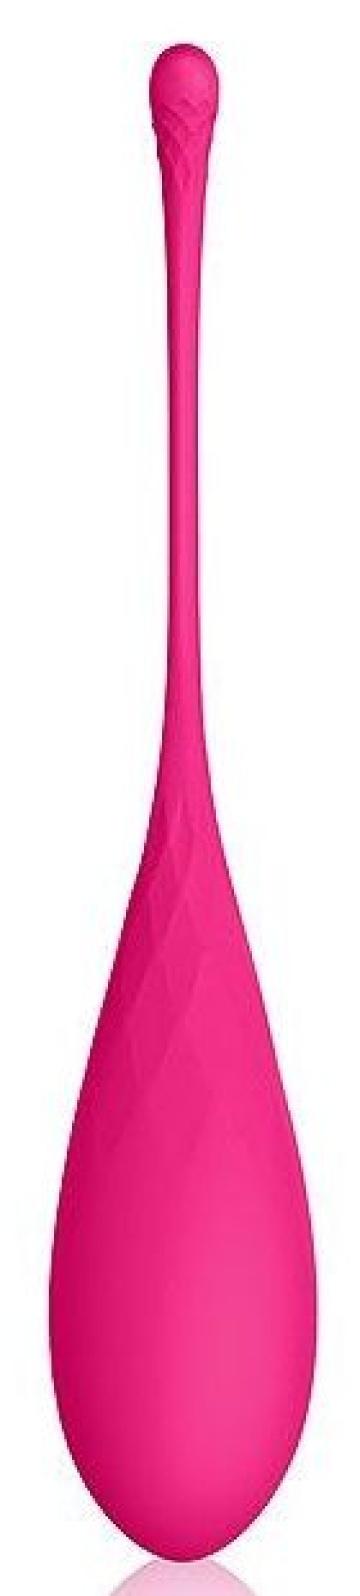 Розовый тяжелый вагинальный шарик со шнурком